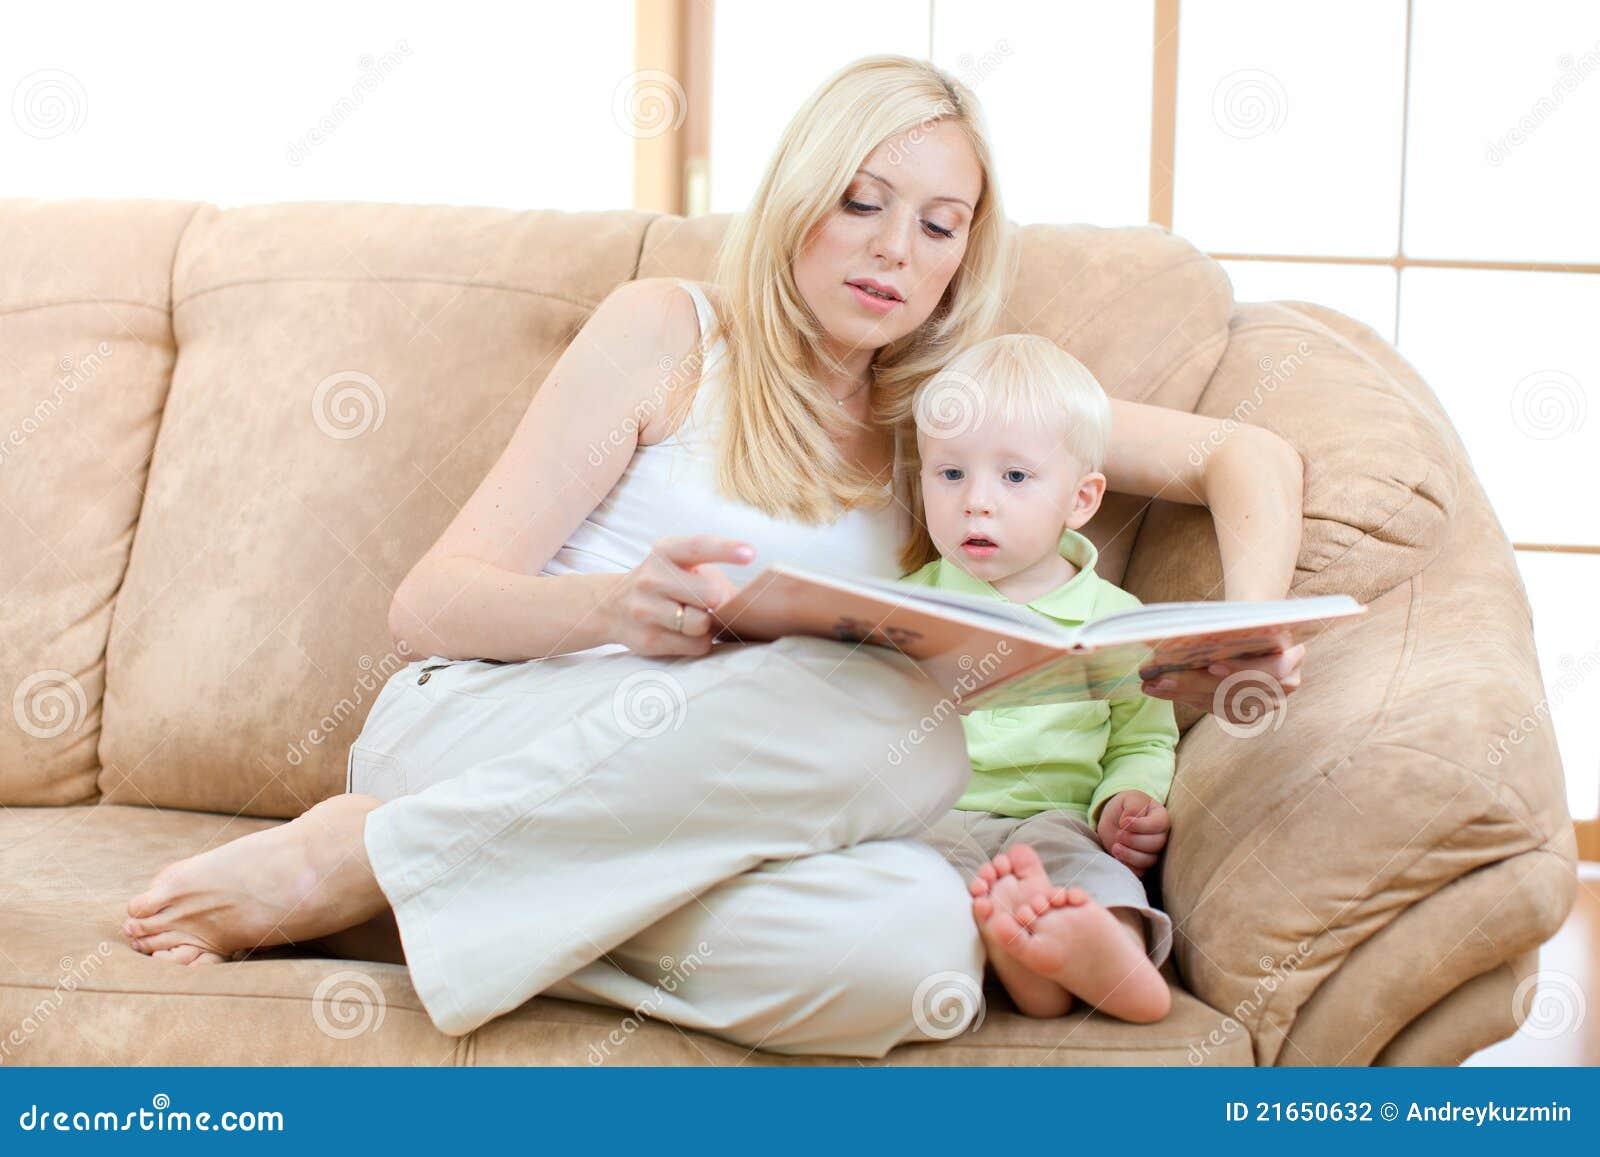 Сын и мама близость 23 фотография